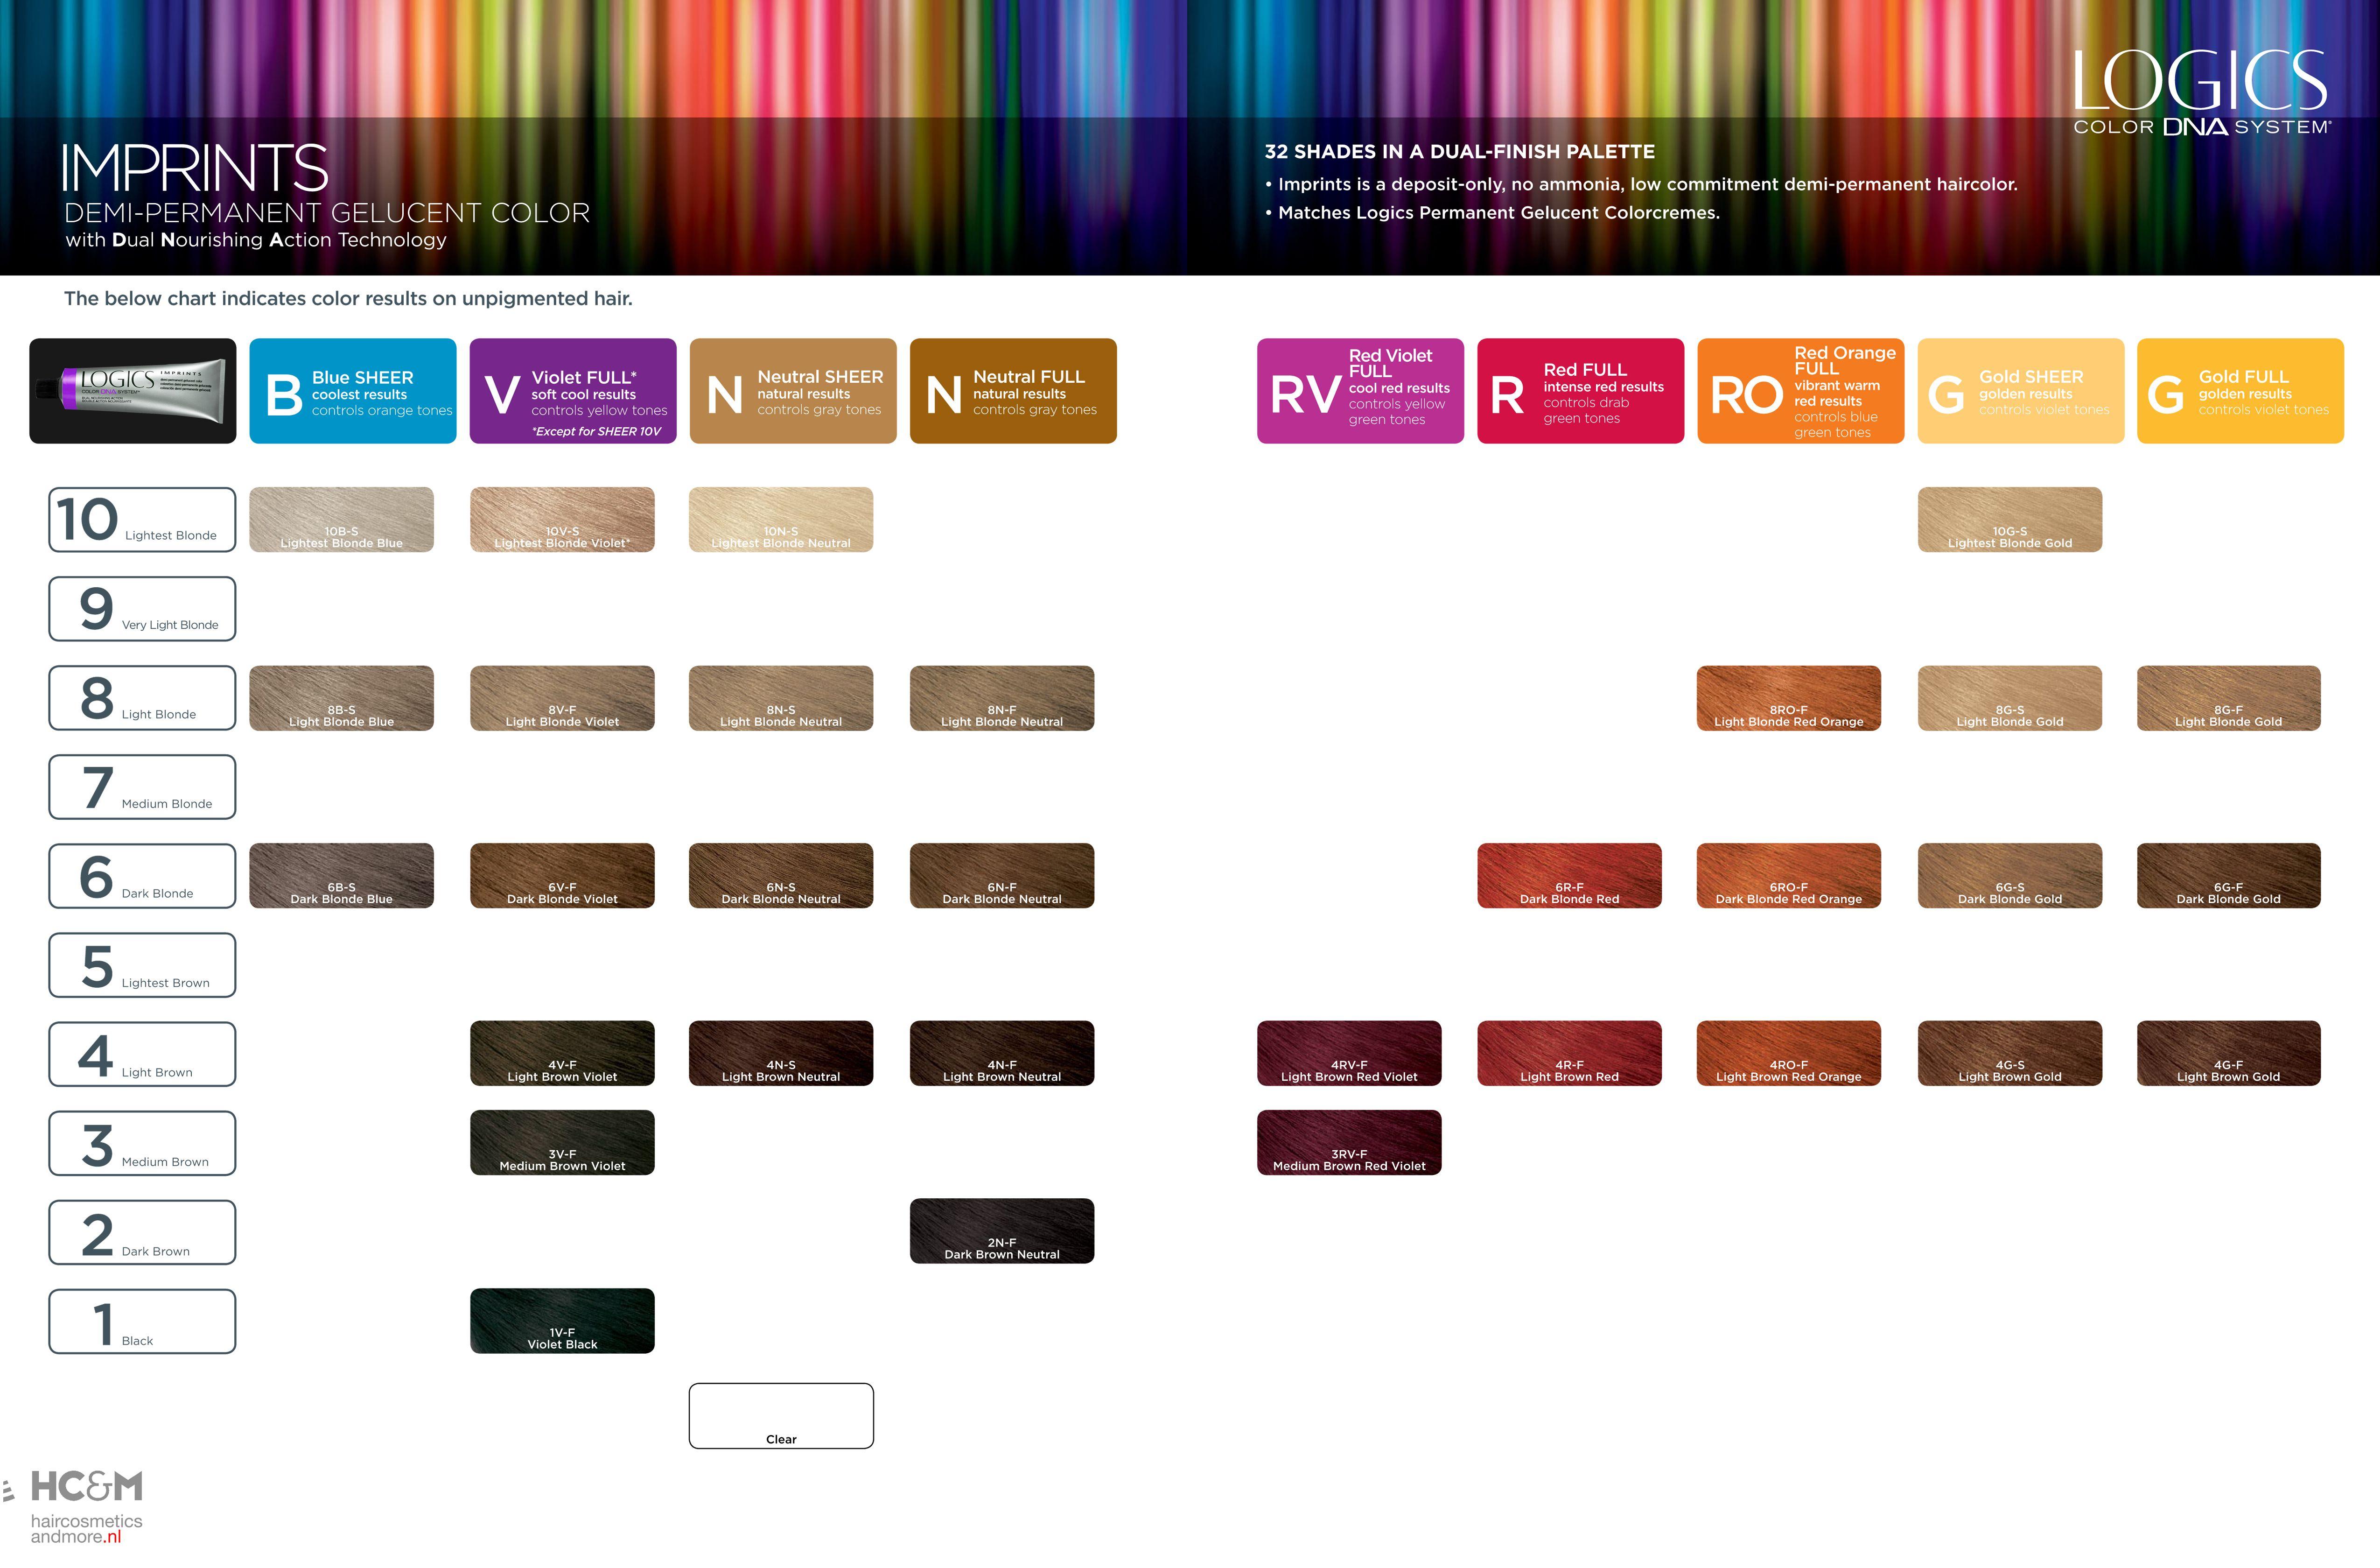 Logics Color Dna System Imprints Demi Permanent Celucent Color